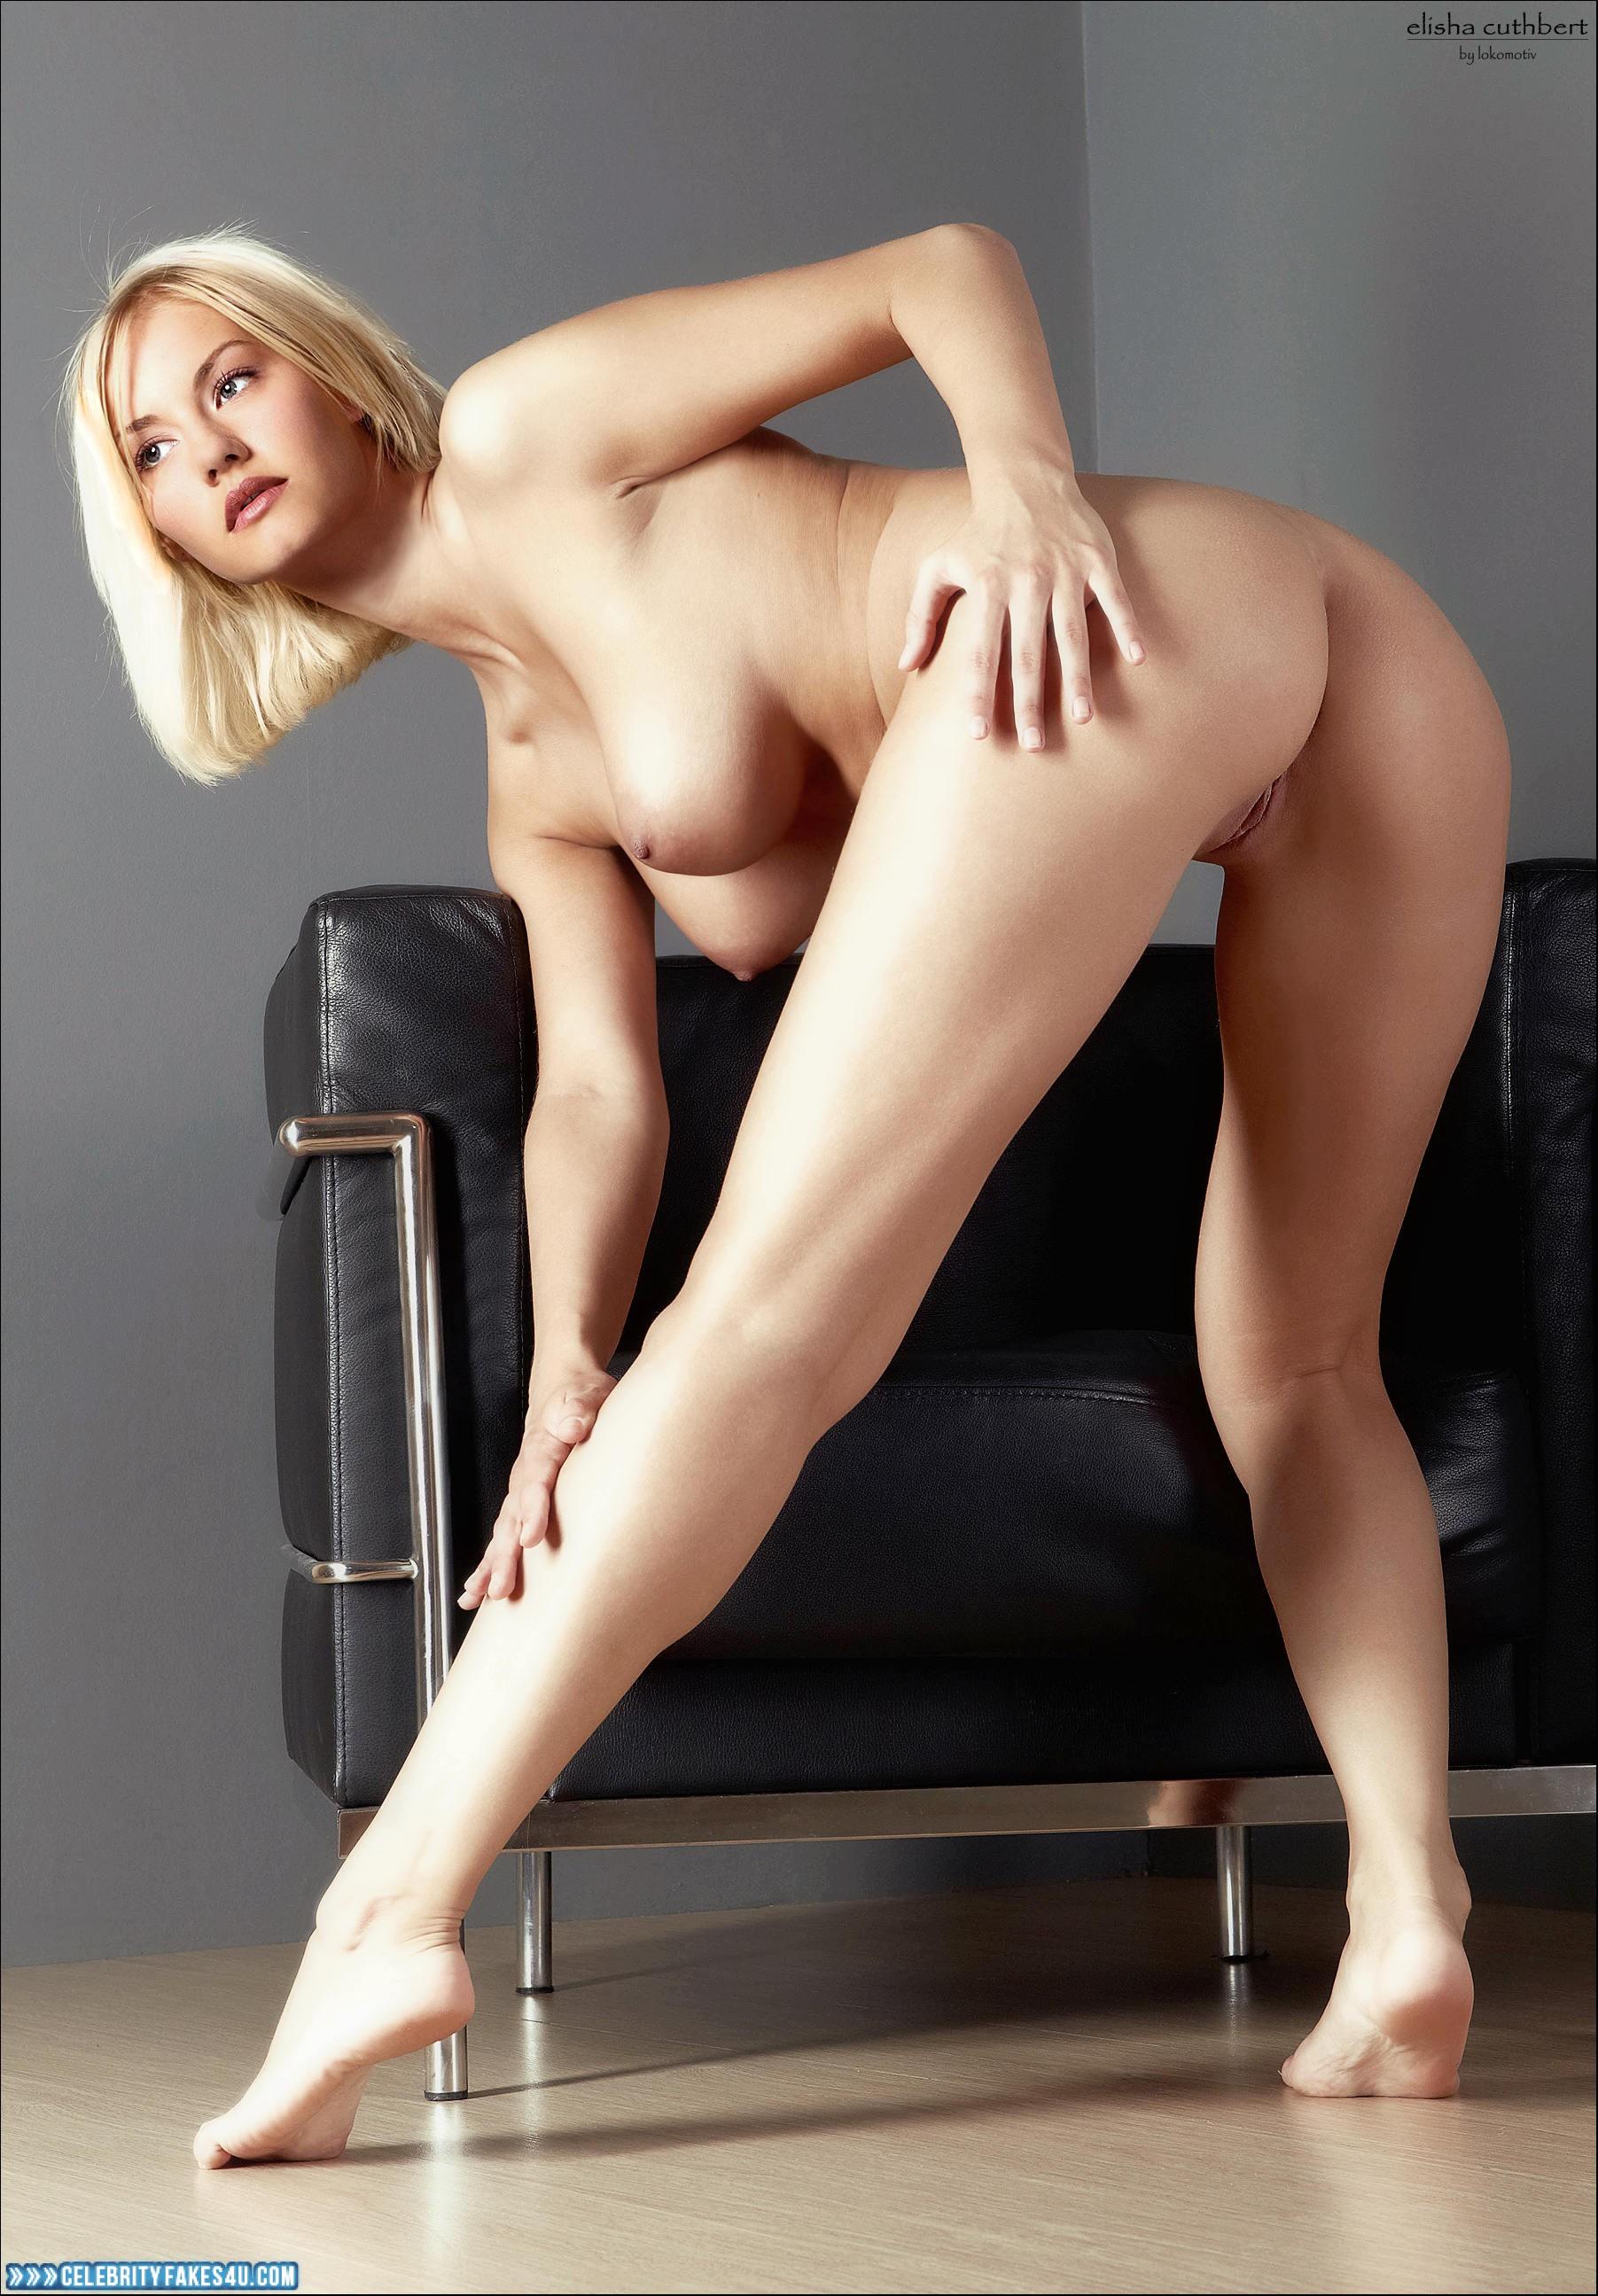 Elisha cuthbert nude scenes